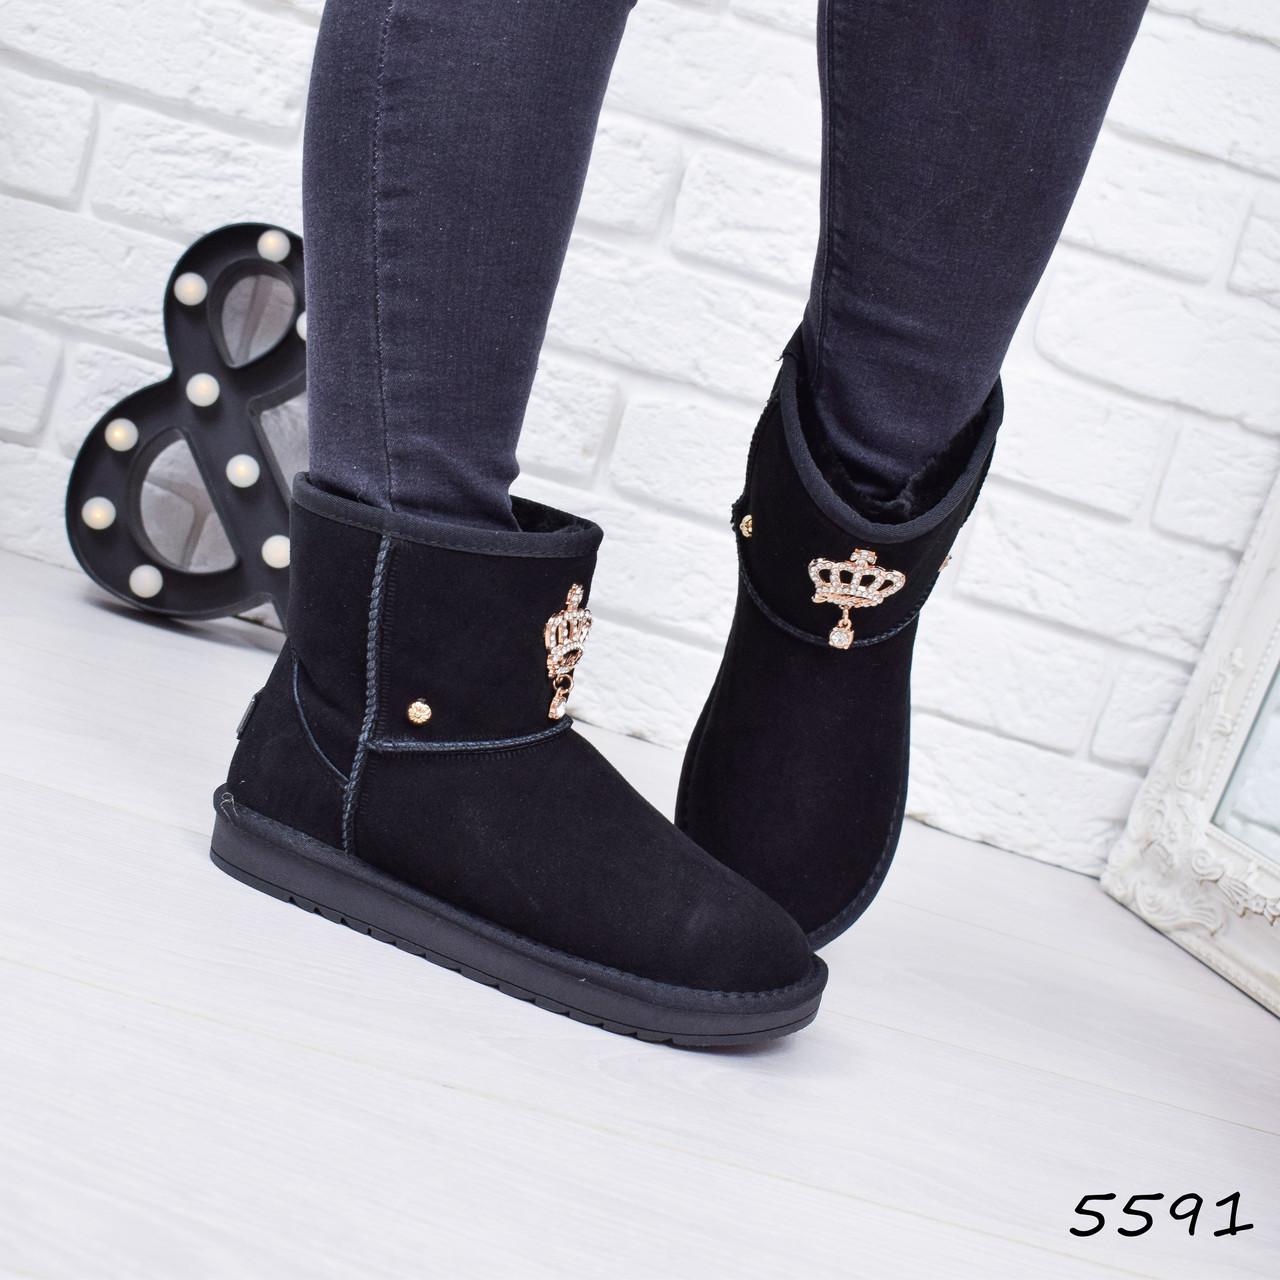 12b95f903 Угги женские Crown черные 5591, зимняя обувь: продажа, цена в Днепре ...